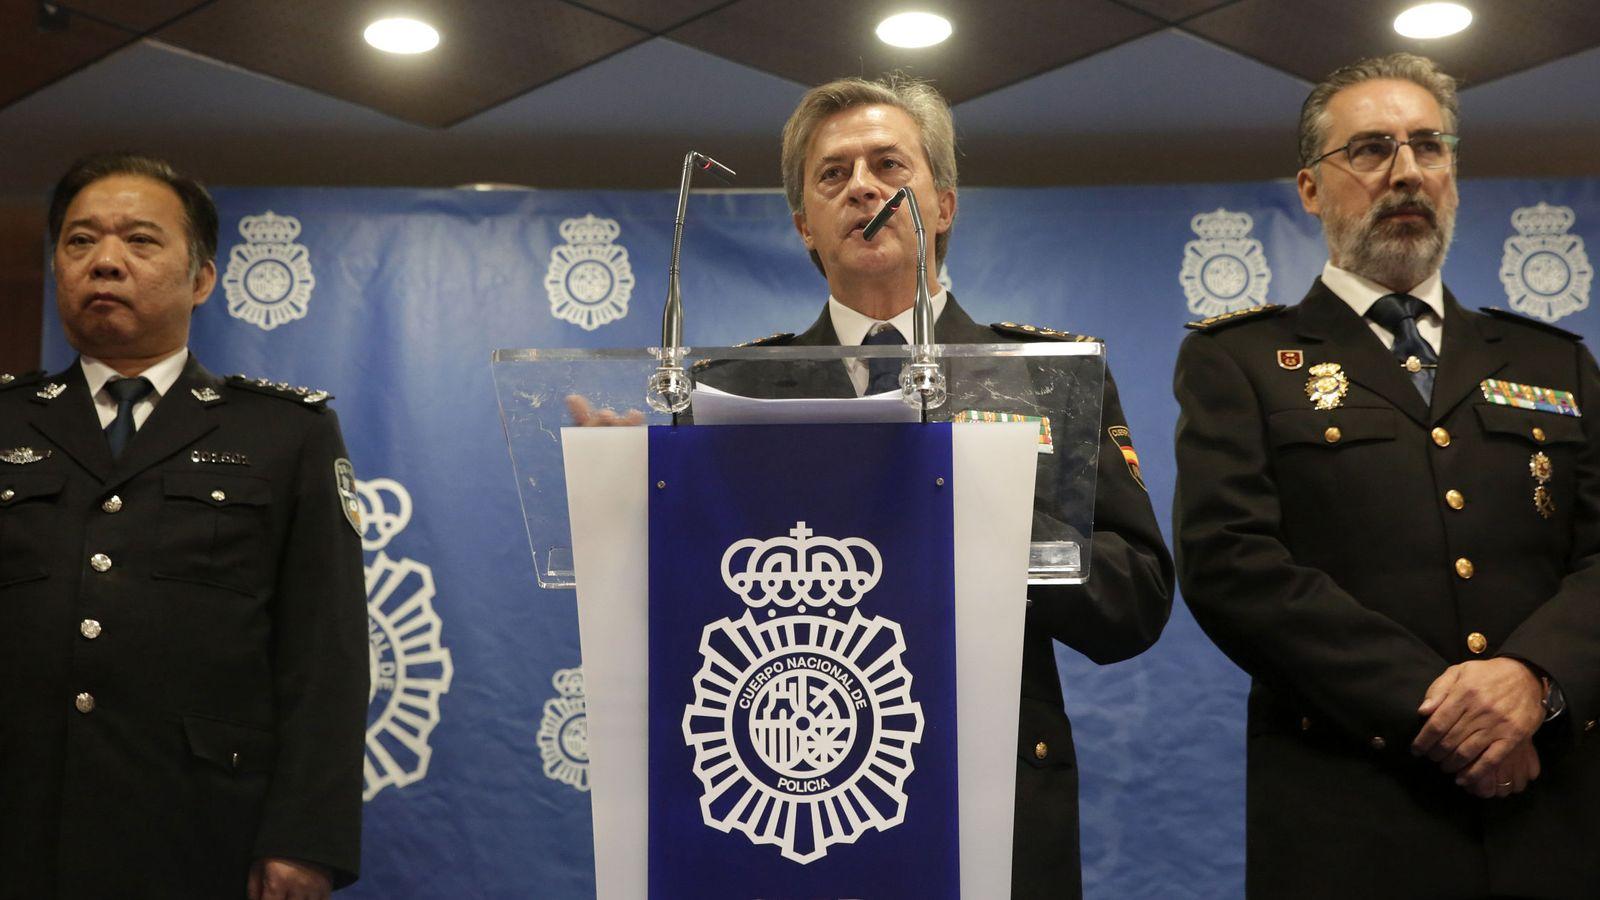 Foto: Eloy Quirós durante la rueda de prensa ofrecida para explicar la operación denominada Wall. (EFE)